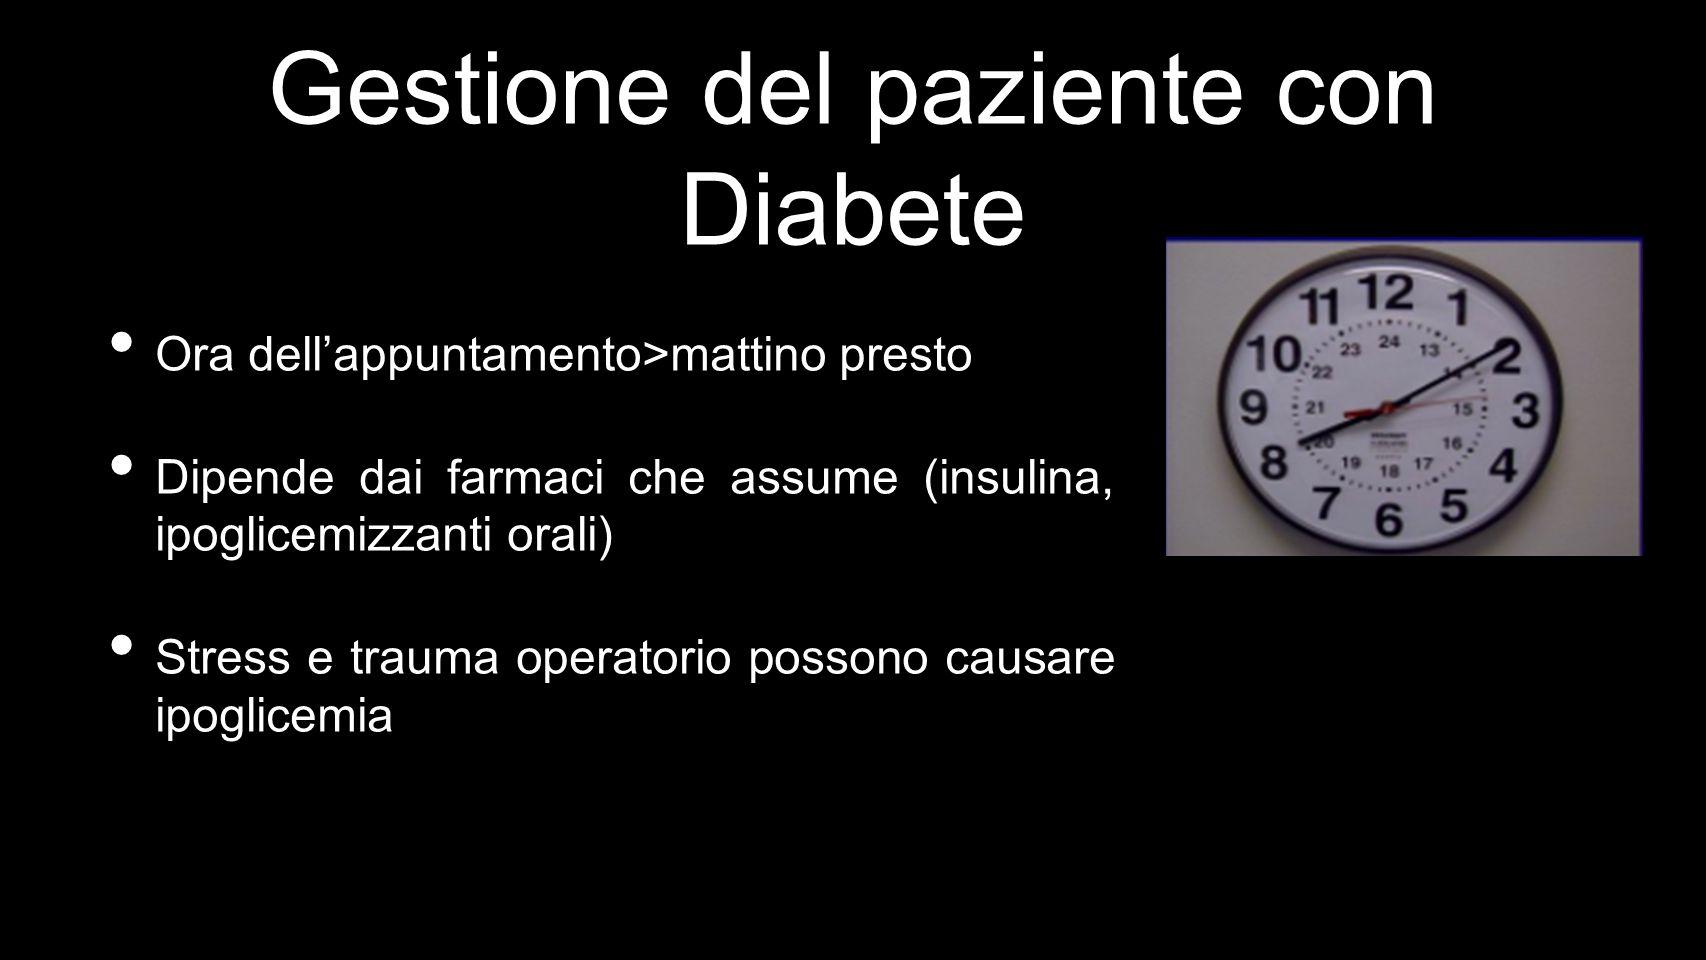 Gestione del paziente con Diabete Ora dellappuntamento>mattino presto Dipende dai farmaci che assume (insulina, ipoglicemizzanti orali) Stress e trauma operatorio possono causare ipoglicemia